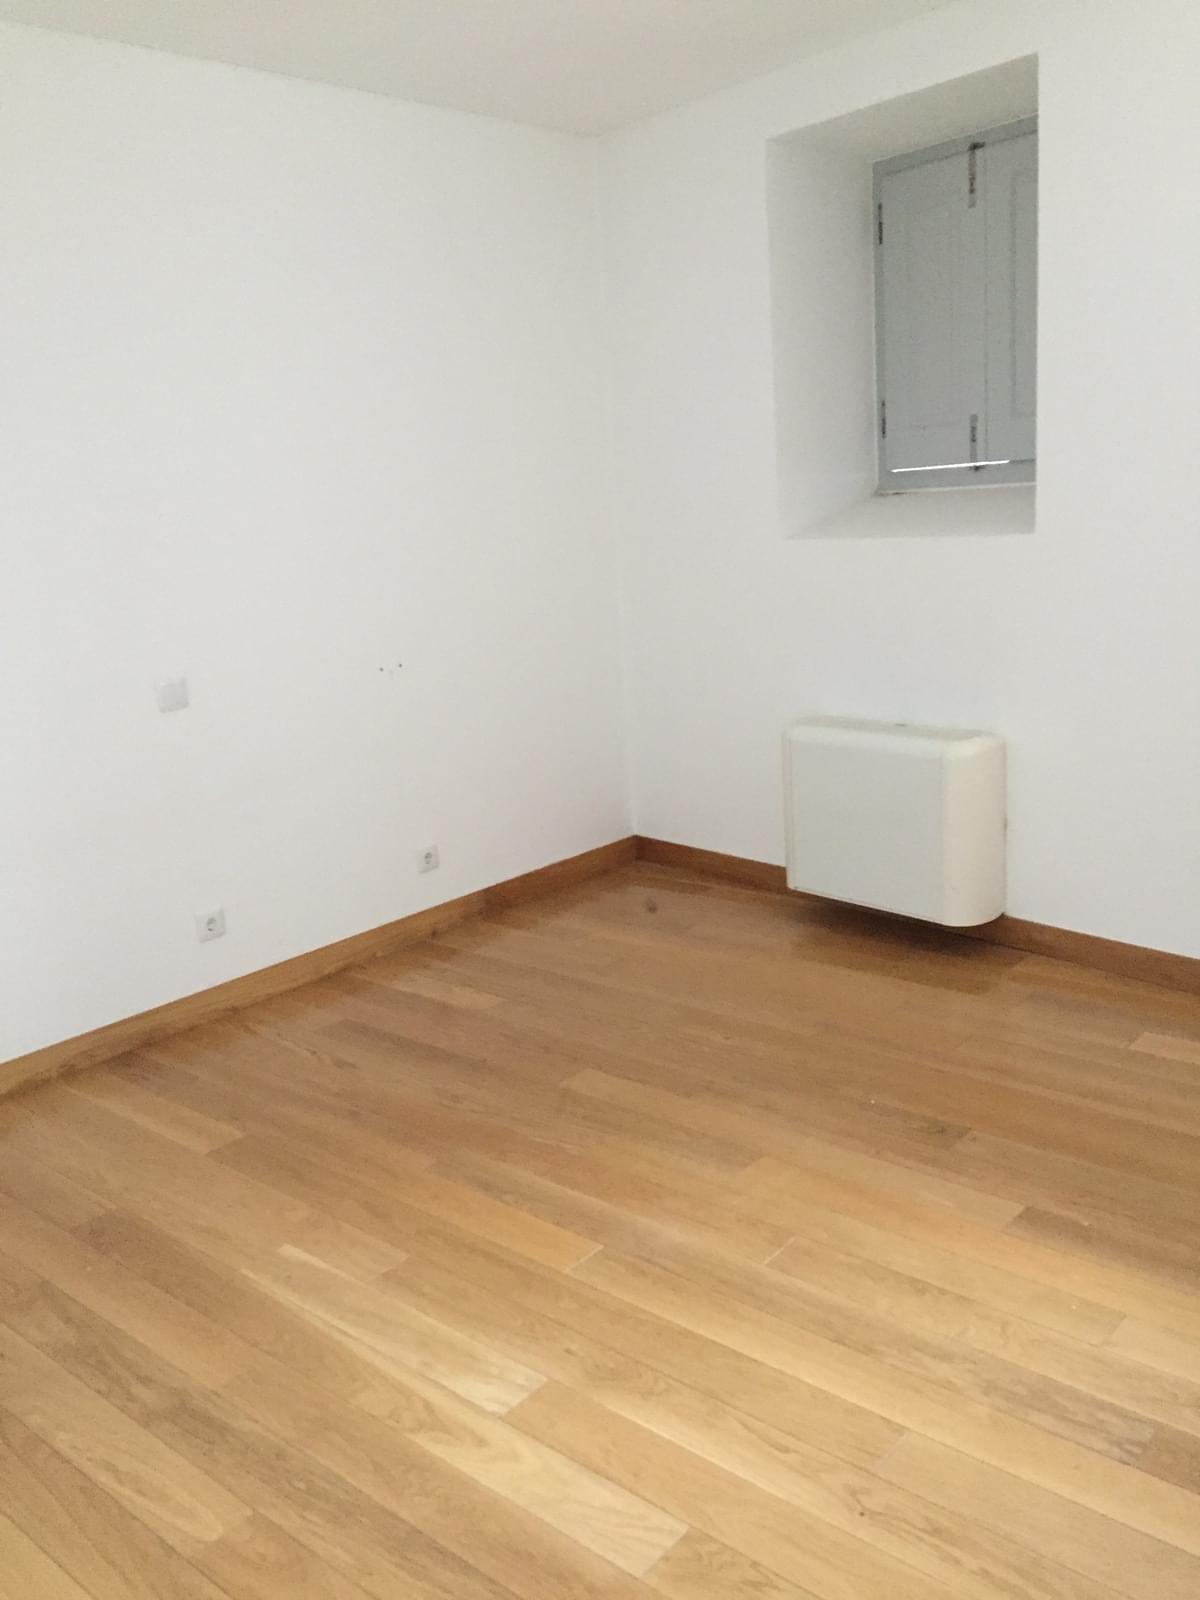 pf19228-apartamento-t1-cascais-f7ad7893-e89c-4abd-b690-f56e1b249001